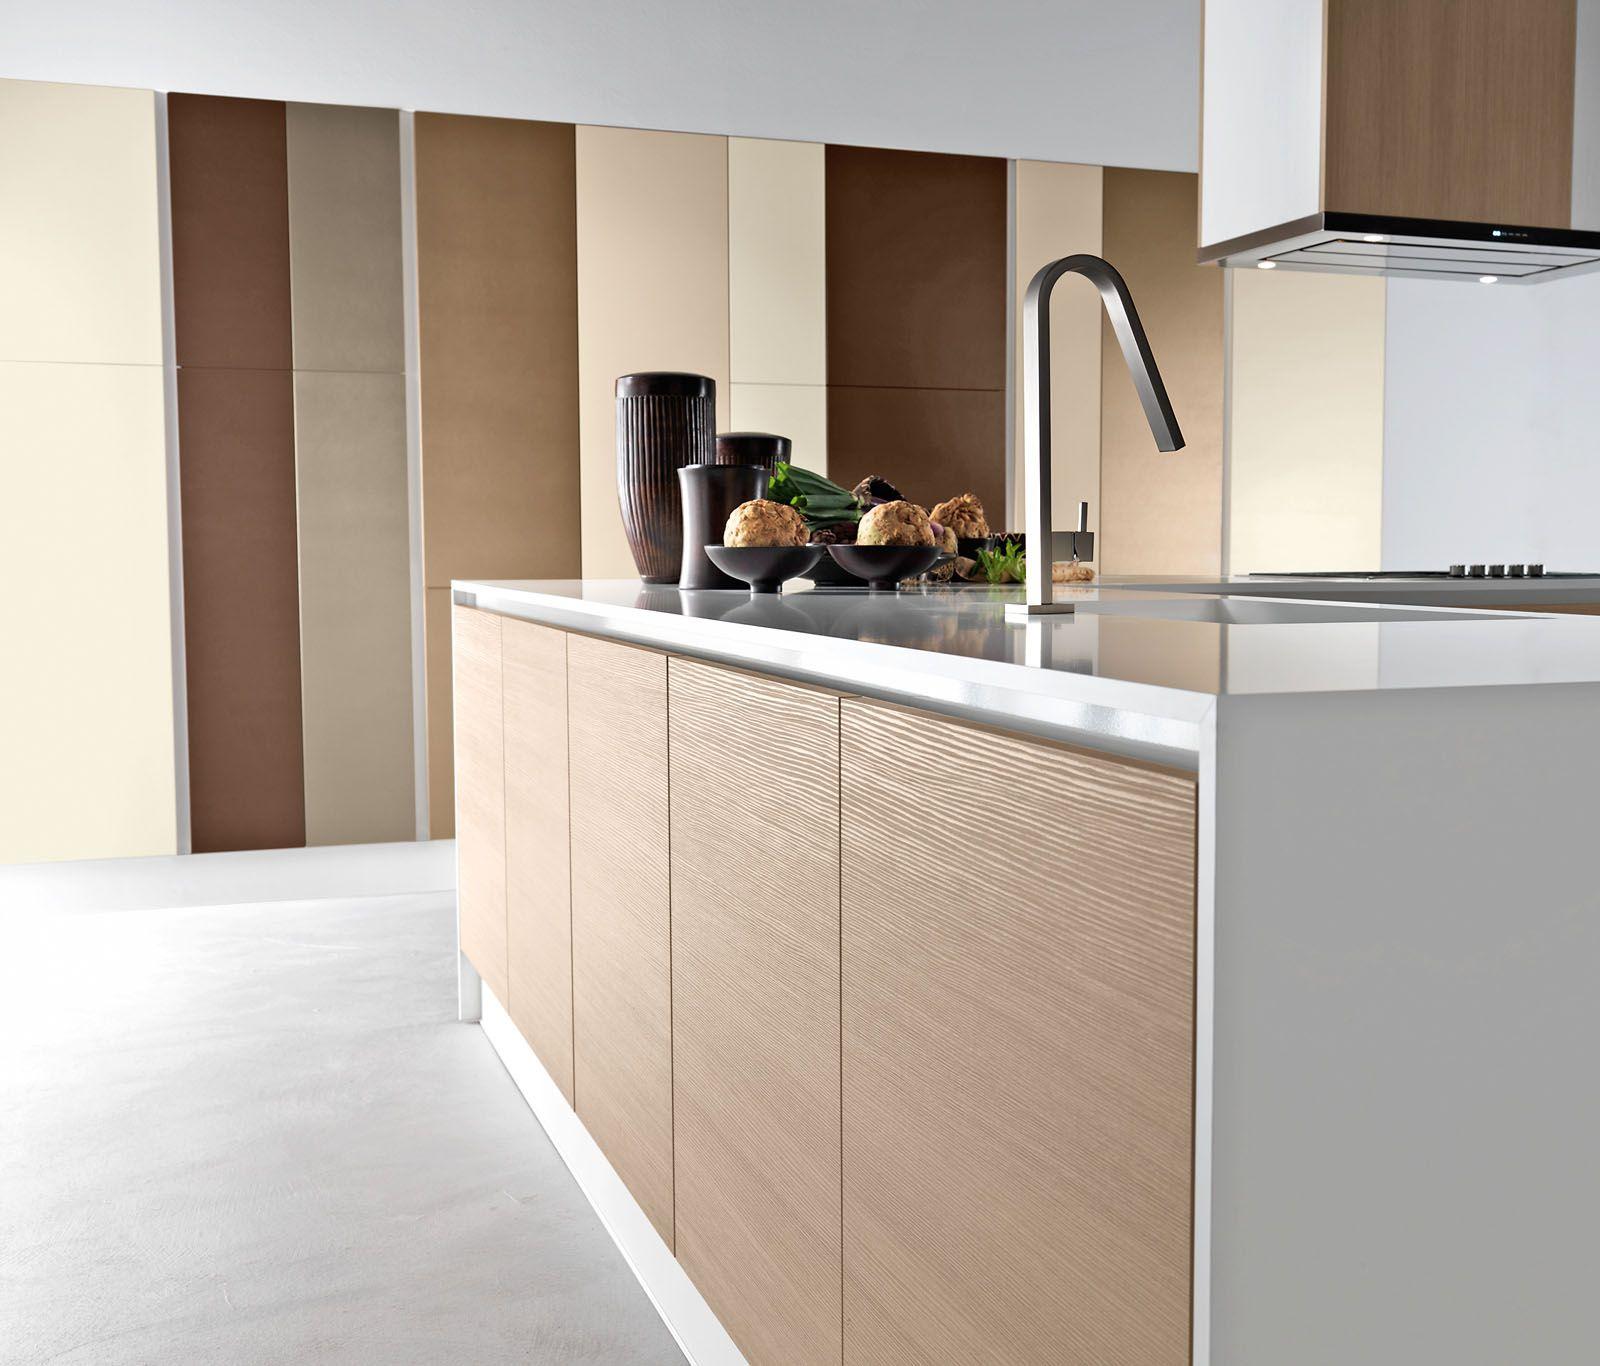 k chen k chenserie monddie m bel aus italien. Black Bedroom Furniture Sets. Home Design Ideas